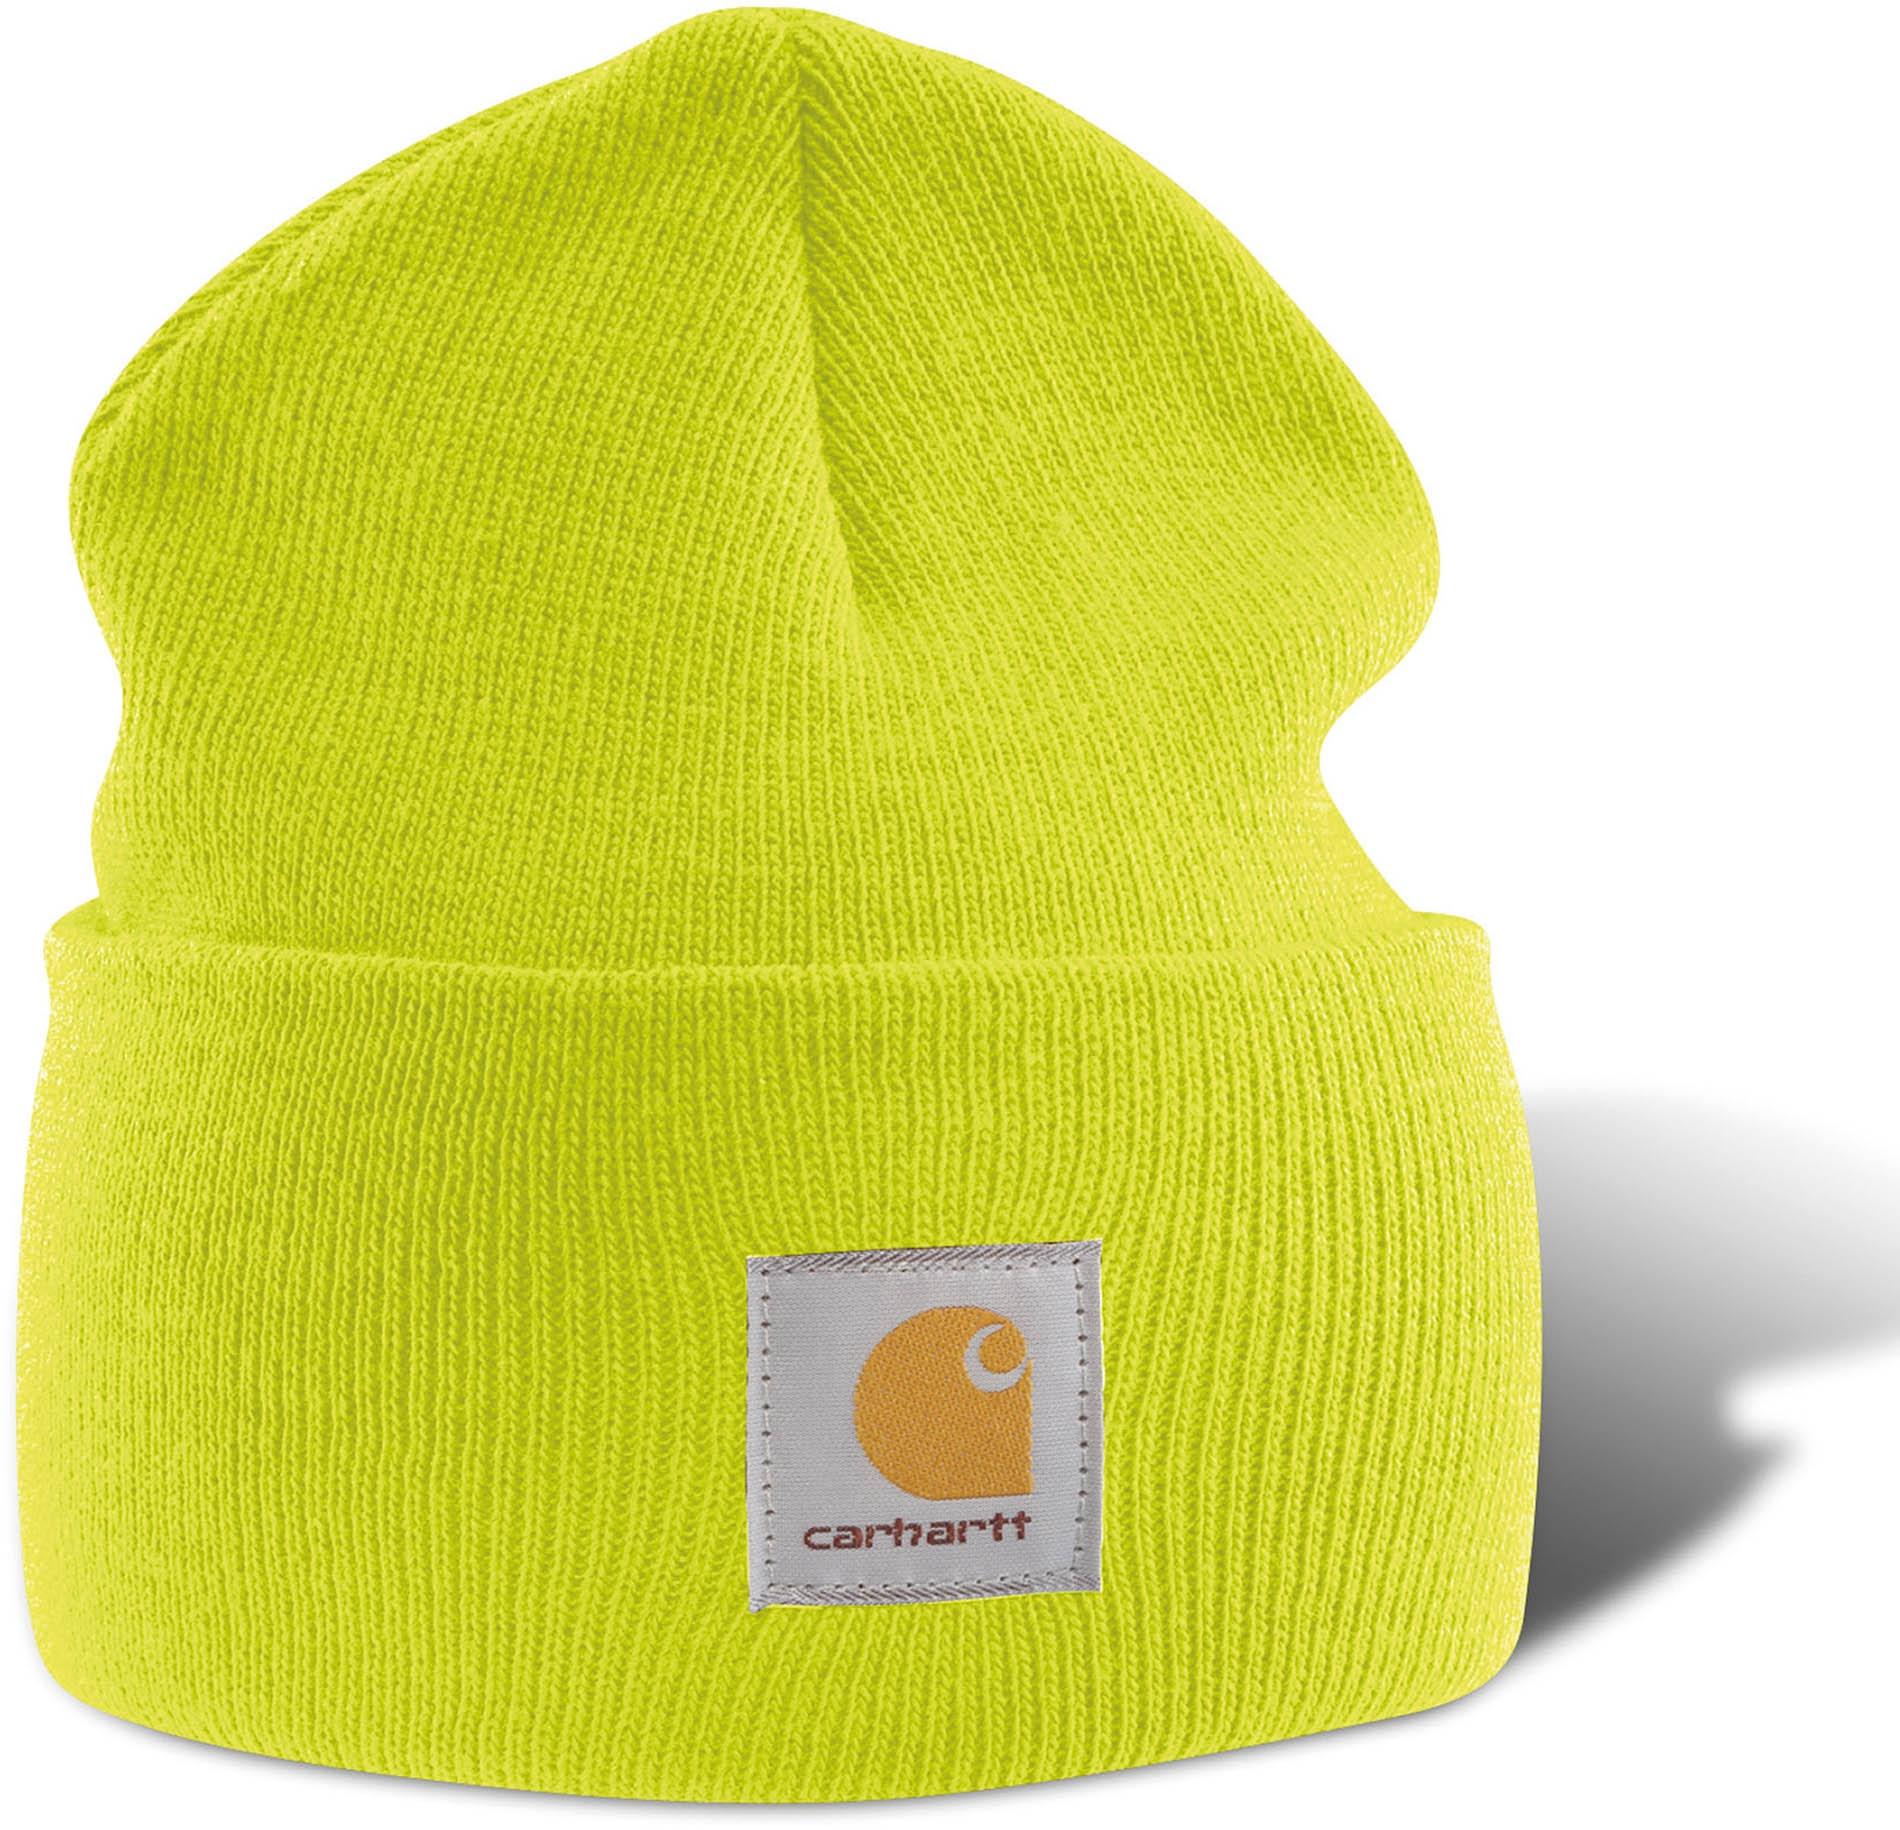 Bonnet Carhartt - Bright Lime imprimé et personnalisé pour ...